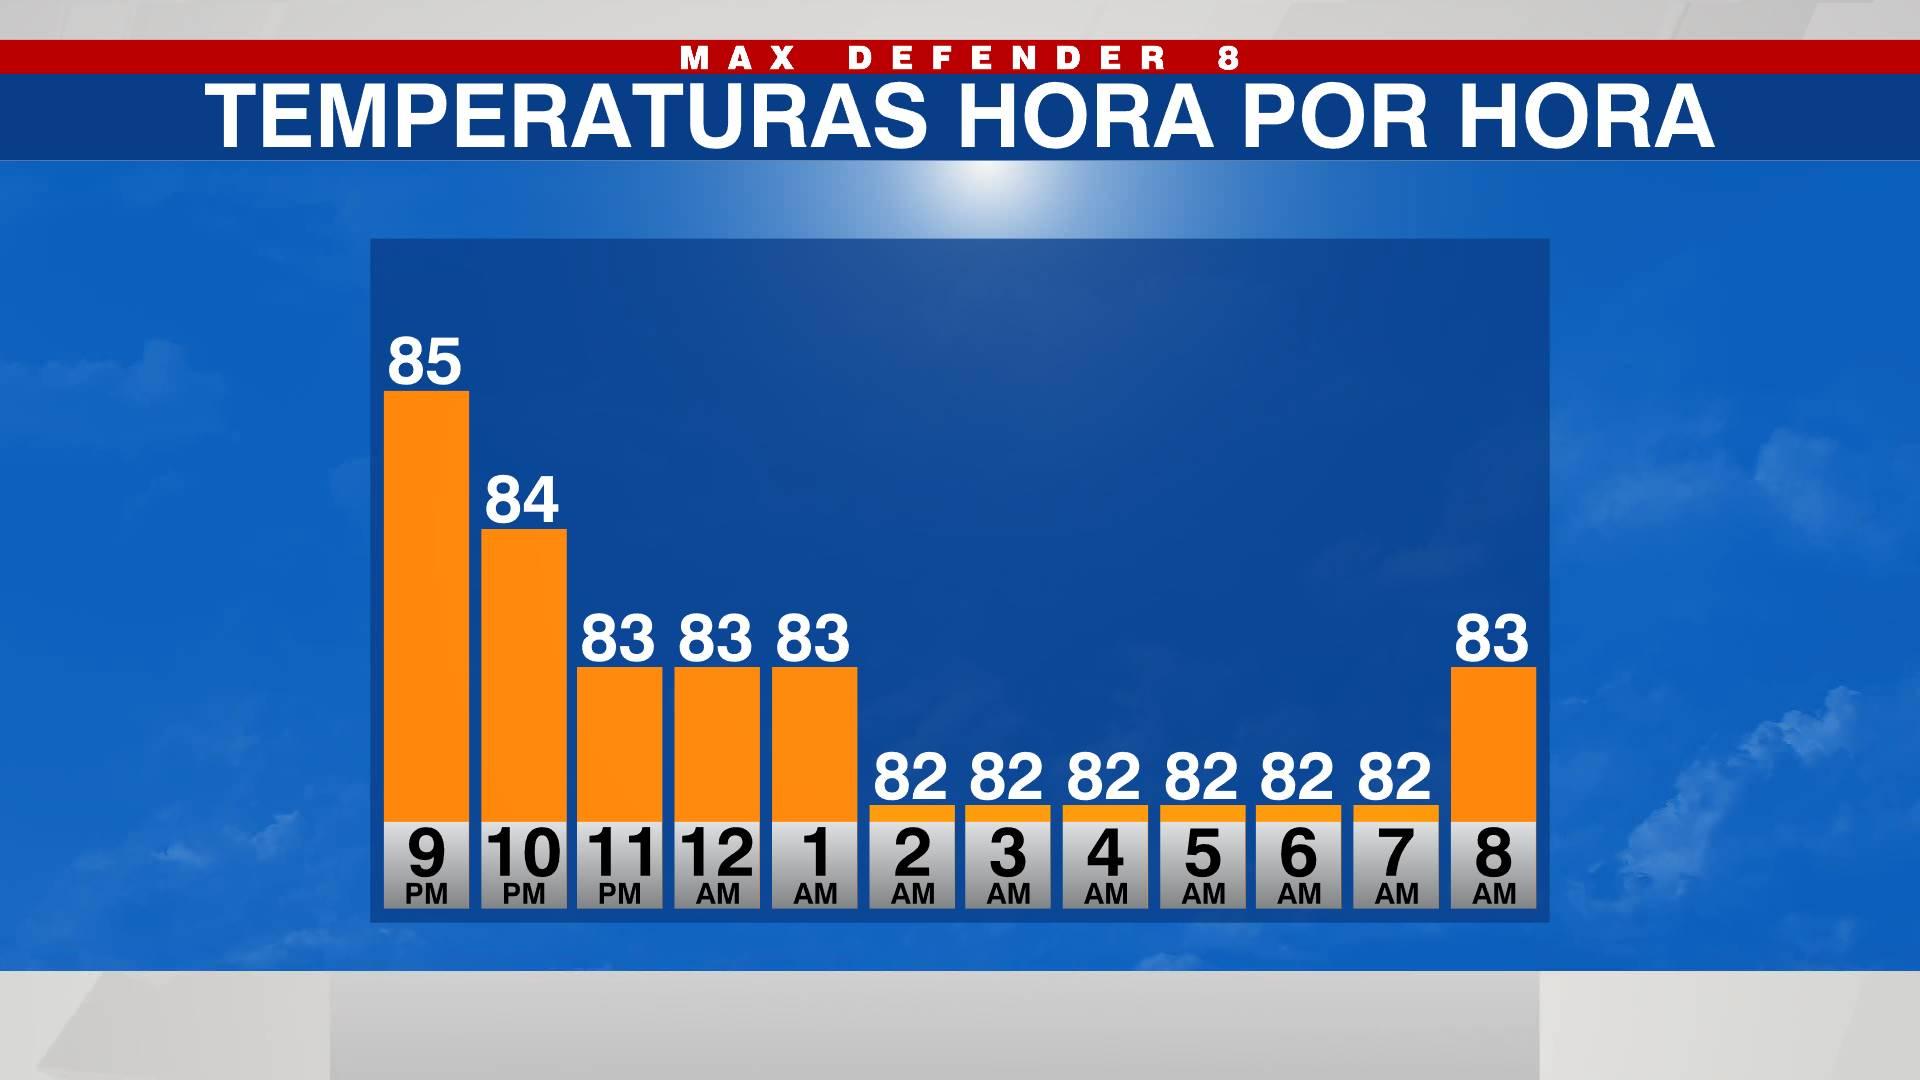 Temperaturas Hora Por Hora